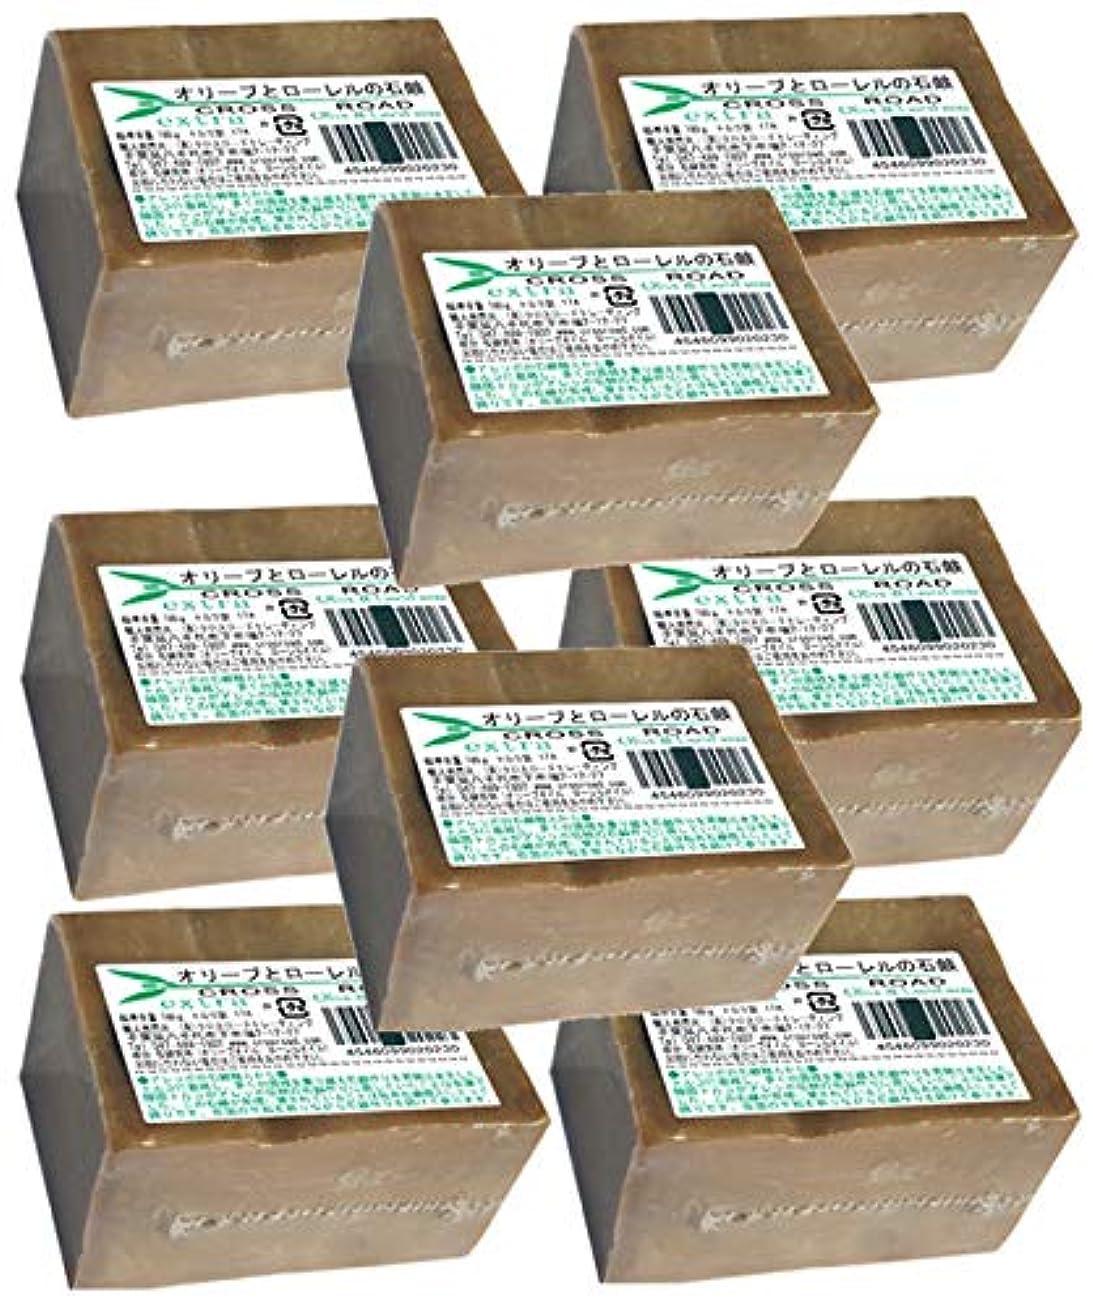 スイッチマージンサミットオリーブとローレルの石鹸(エキストラ)8個セット[並行輸入品]